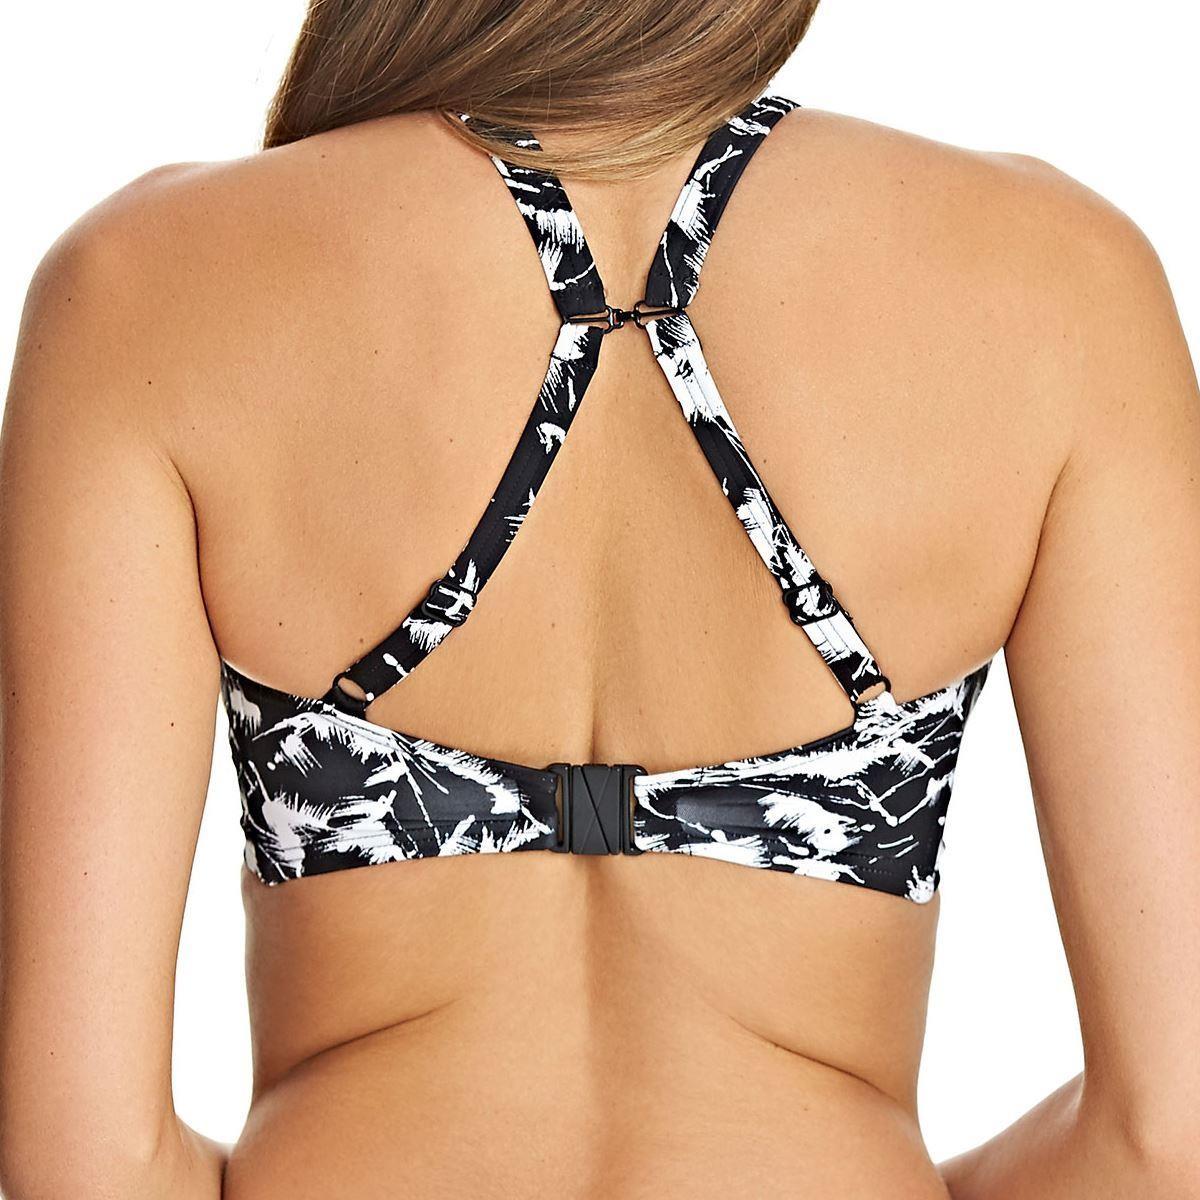 Freya Swimwear Palm Haze High Neck Crop Bikini Top Monochrome 4023